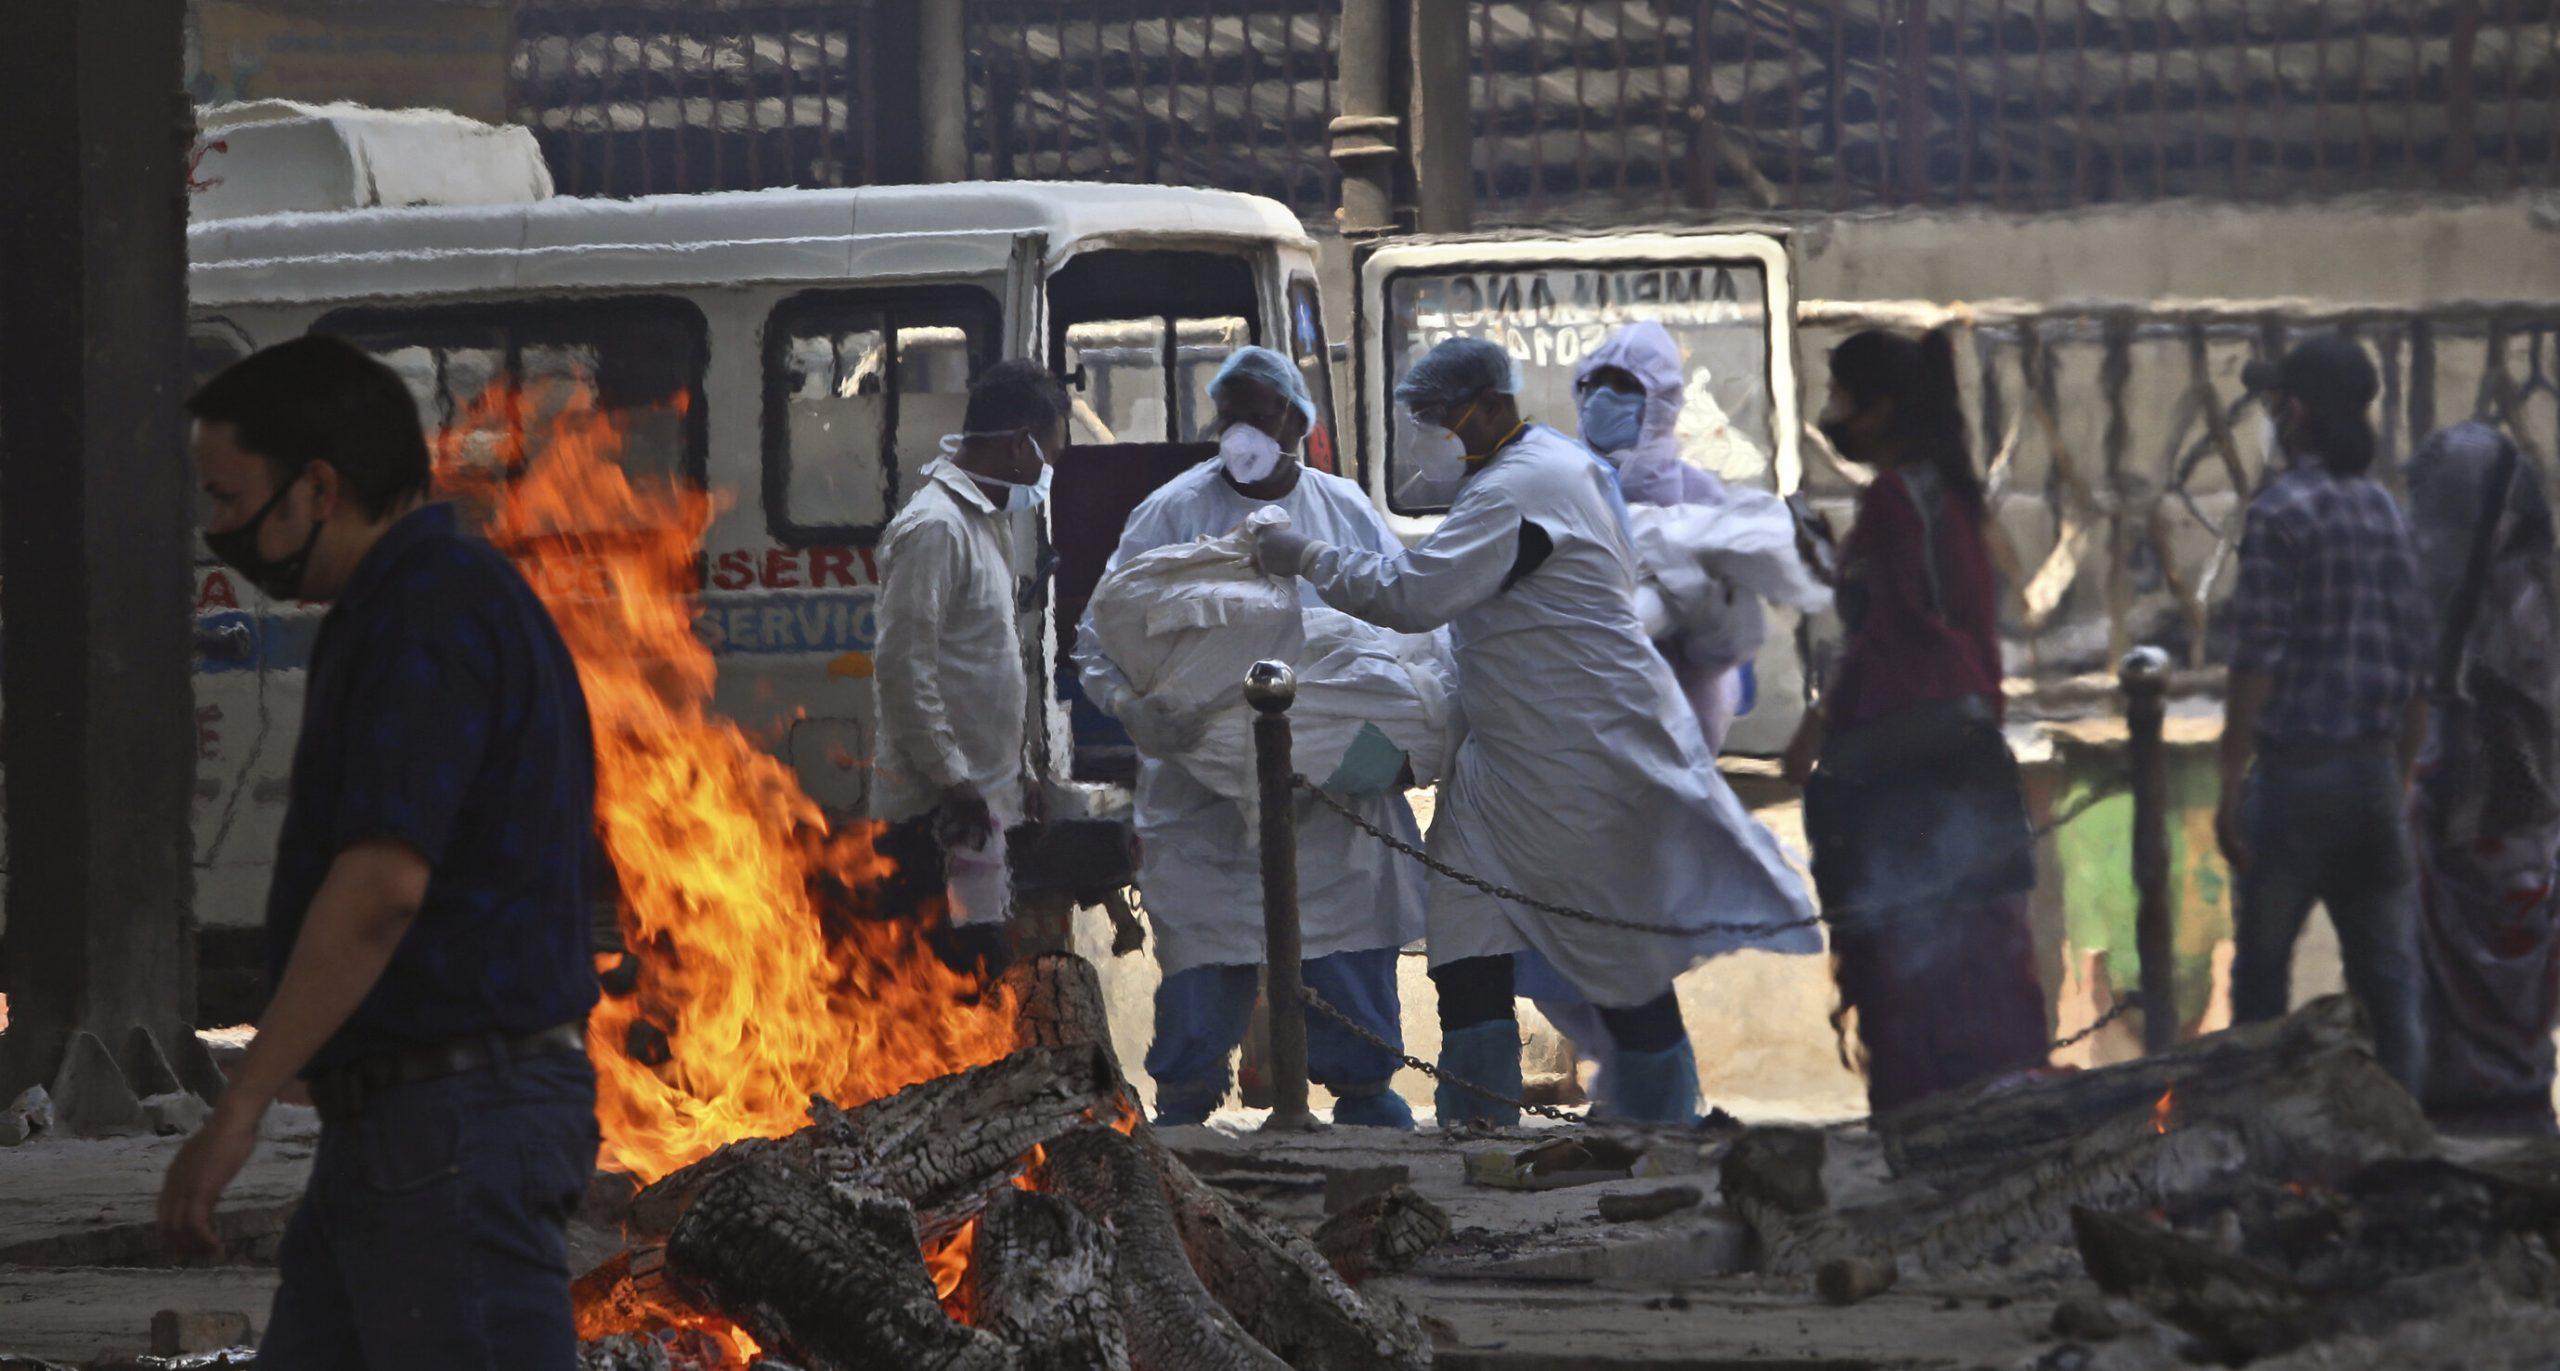 """Situație tragică în India  Lipsă de paturi, oxigen, medicamente. """"Sistemul s-a prăbușit"""" sub presiunea numărului record de noi cazuri"""